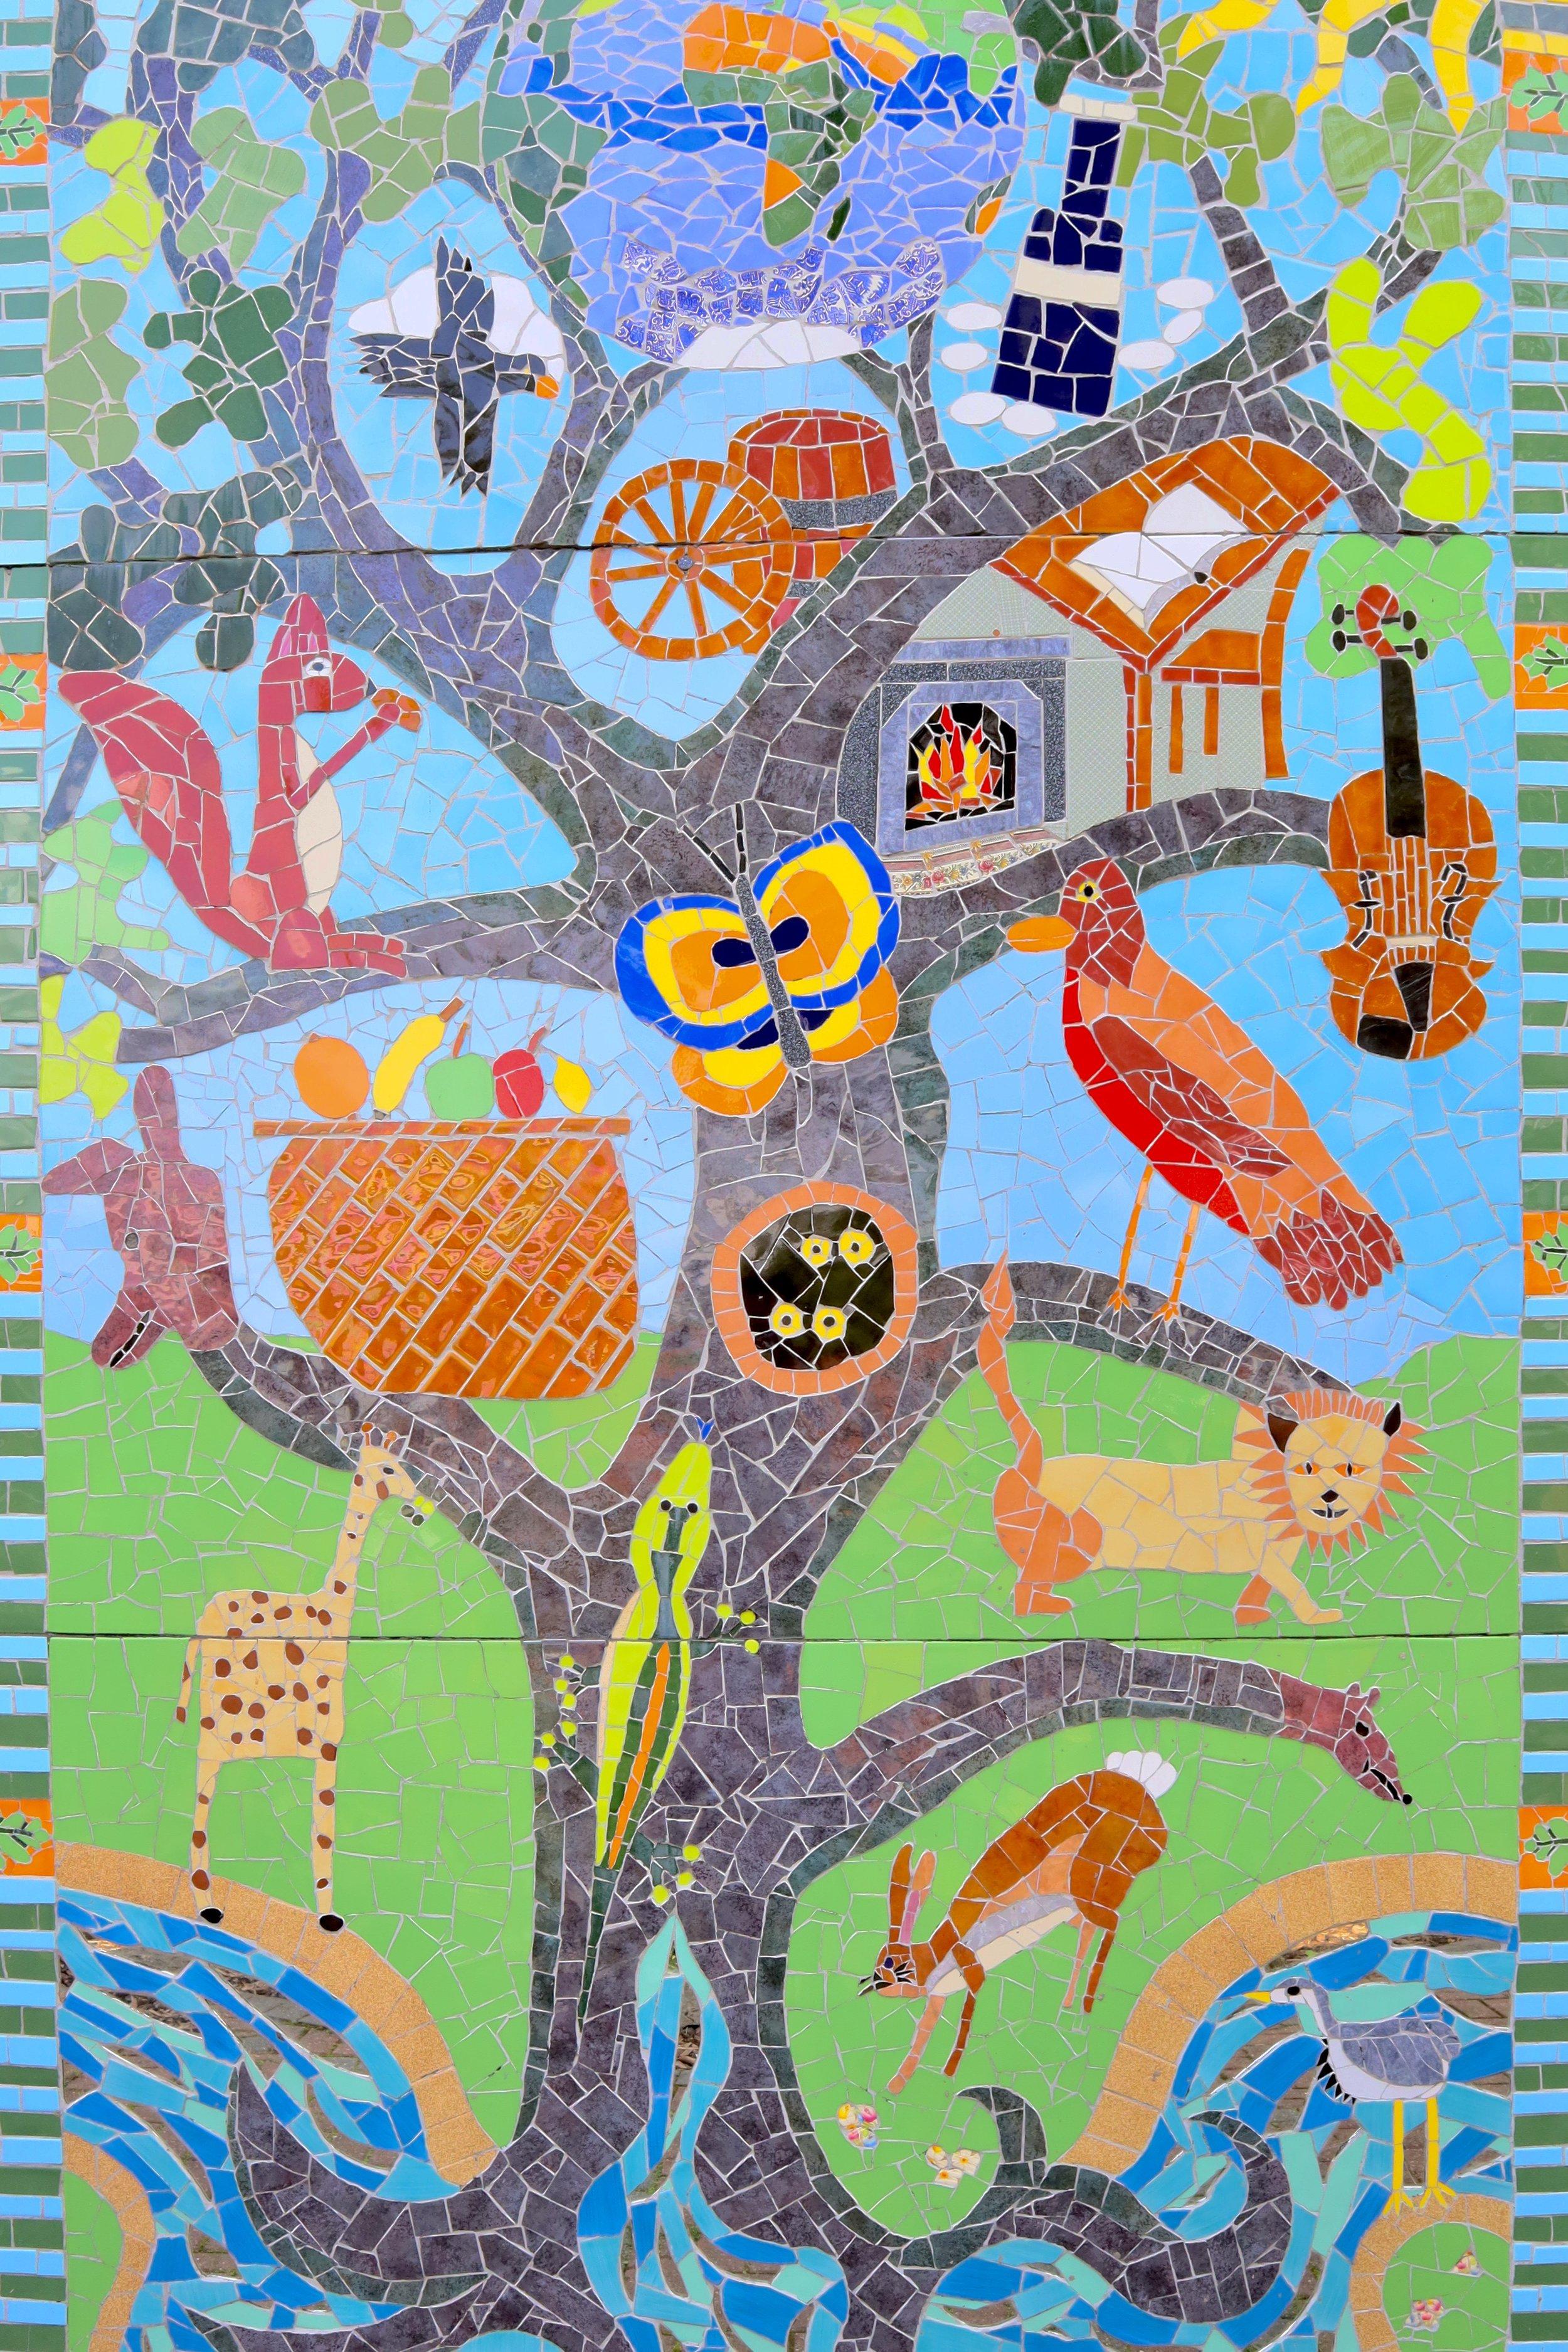 Our garden mural